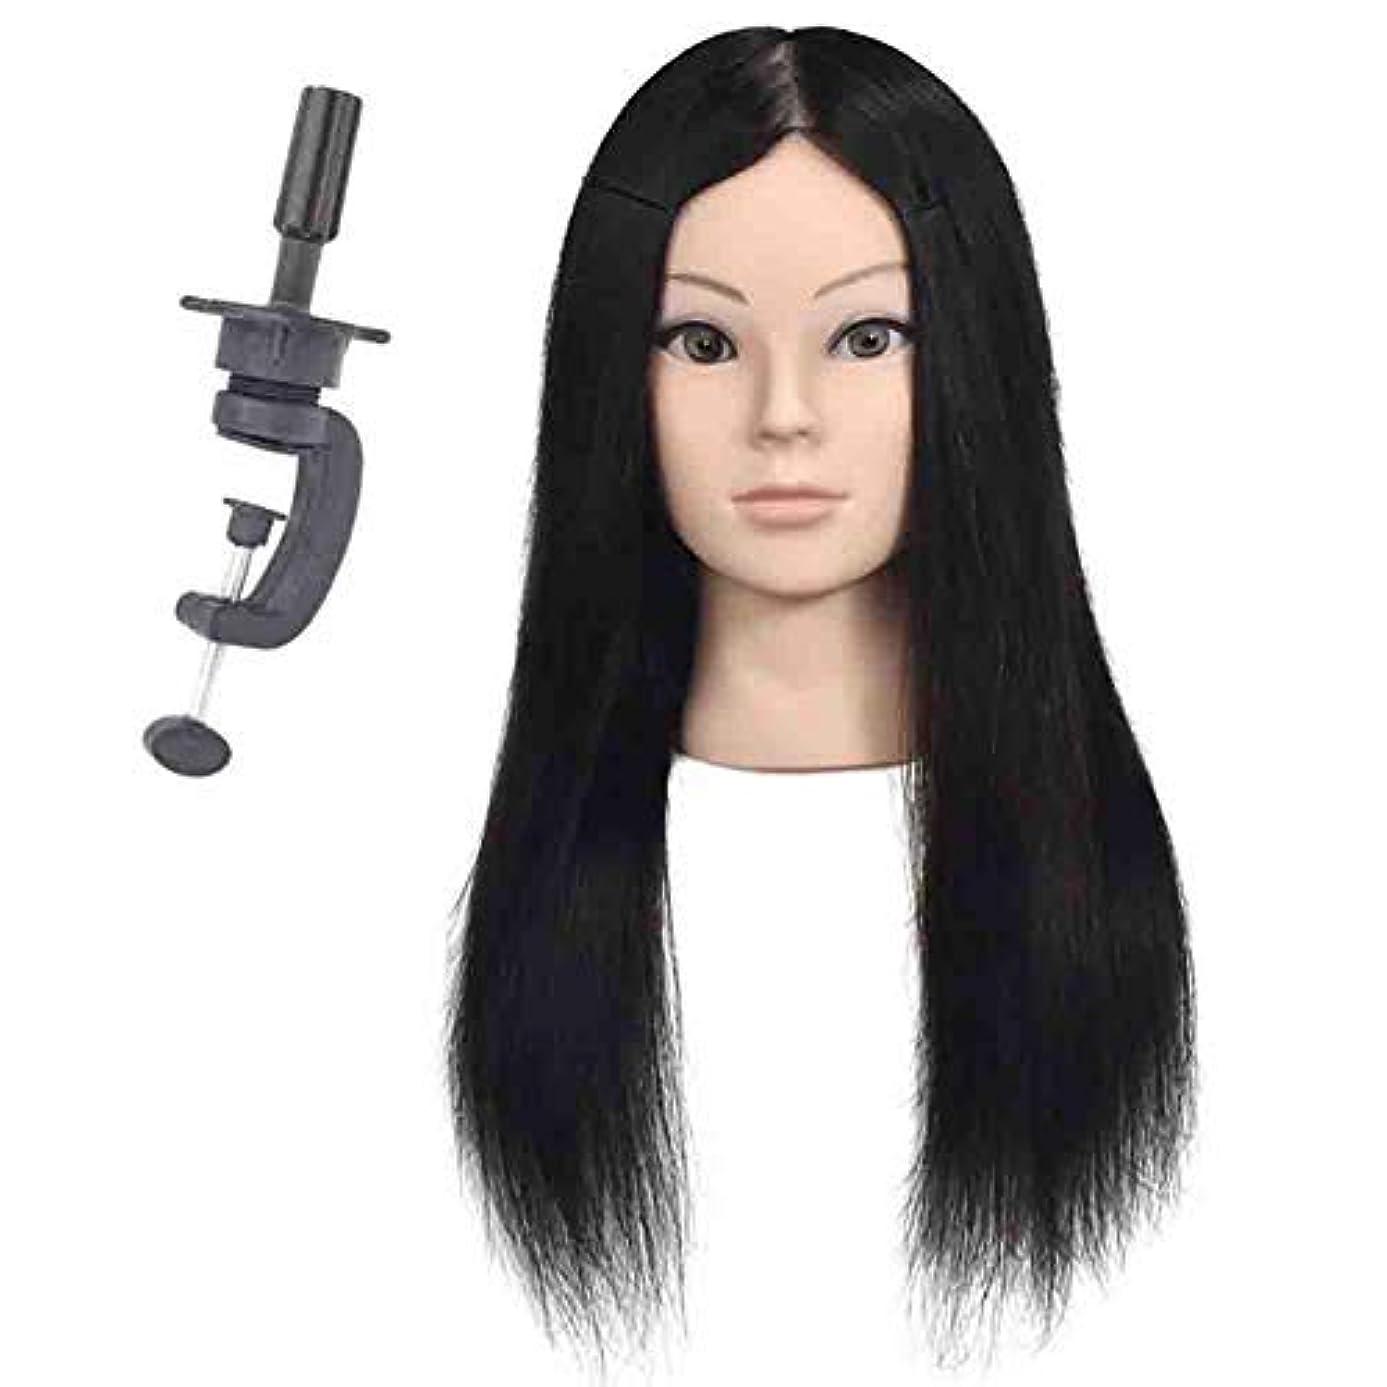 動詞不名誉標高リアルヘアスタイリングマネキンヘッド女性ヘッドモデル教育ヘッド理髪店編組ヘア染色学習ダミーヘッド